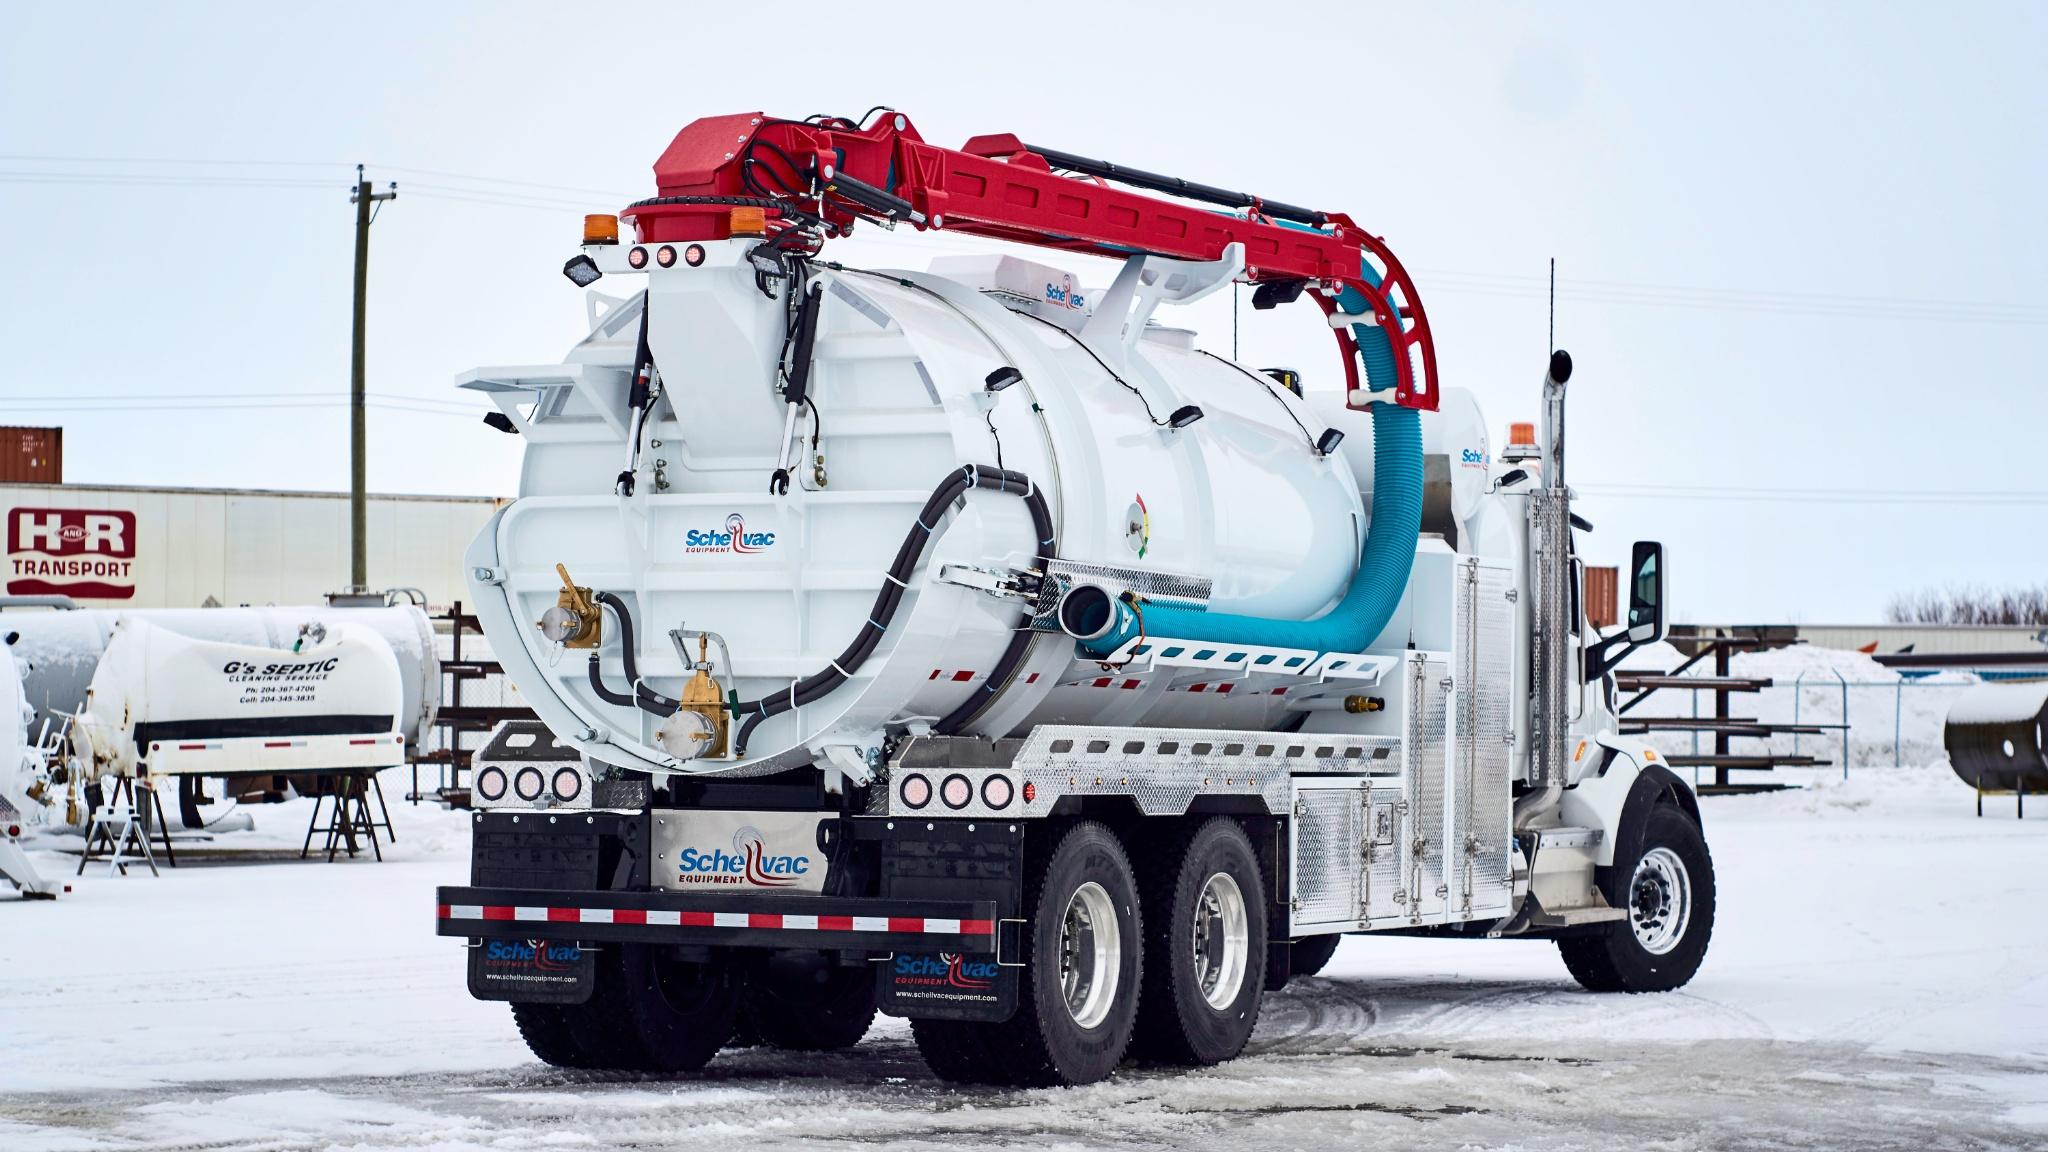 Hydrovac, Lightweight Hydrovac, Payload Hydrovac, SPIF Hydrovac, compliant Hydrovac, Hydrovac Ontario, Hydrovac Alberta, Hydrovac Urban, Hydrovac Metro, Hydrovac City, Hydrovac Toronto, Hydrovac GTA, Hydrovac BC, Hydrovac British Columbia